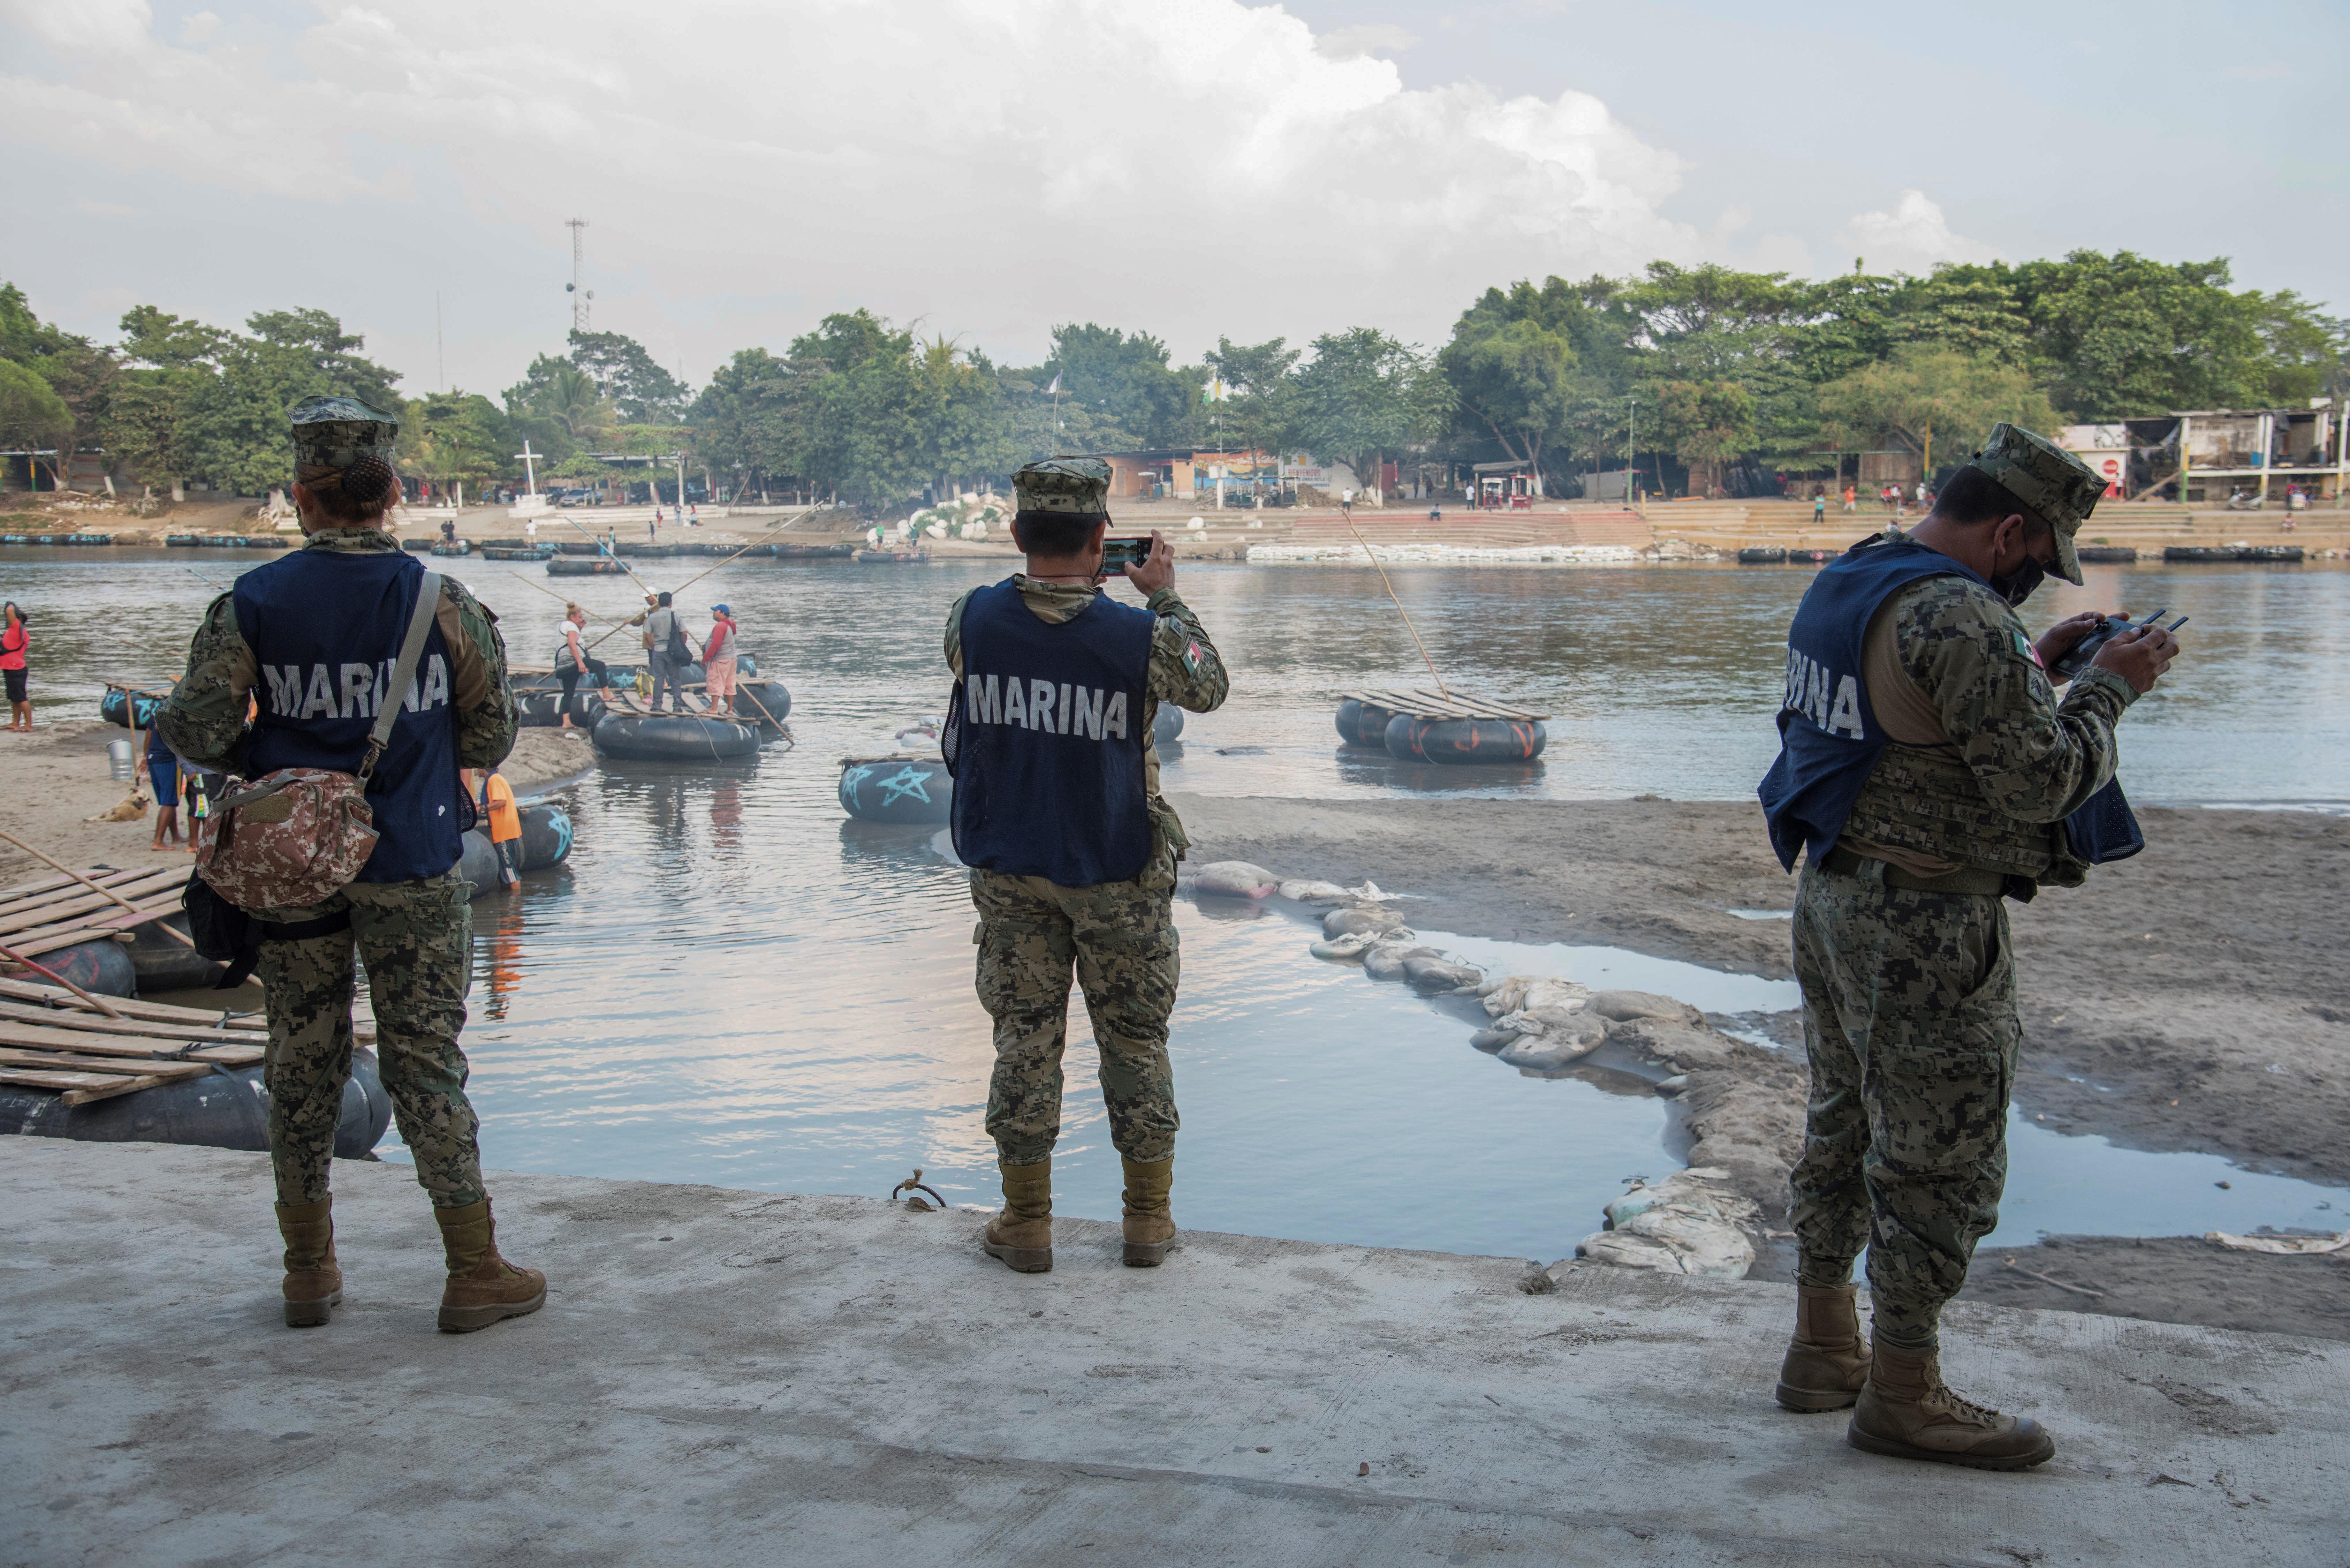 A mexikói rendőrség is benne lehetett az amerikai határmenti mészárlásban, amiben 19 embert öltek meg